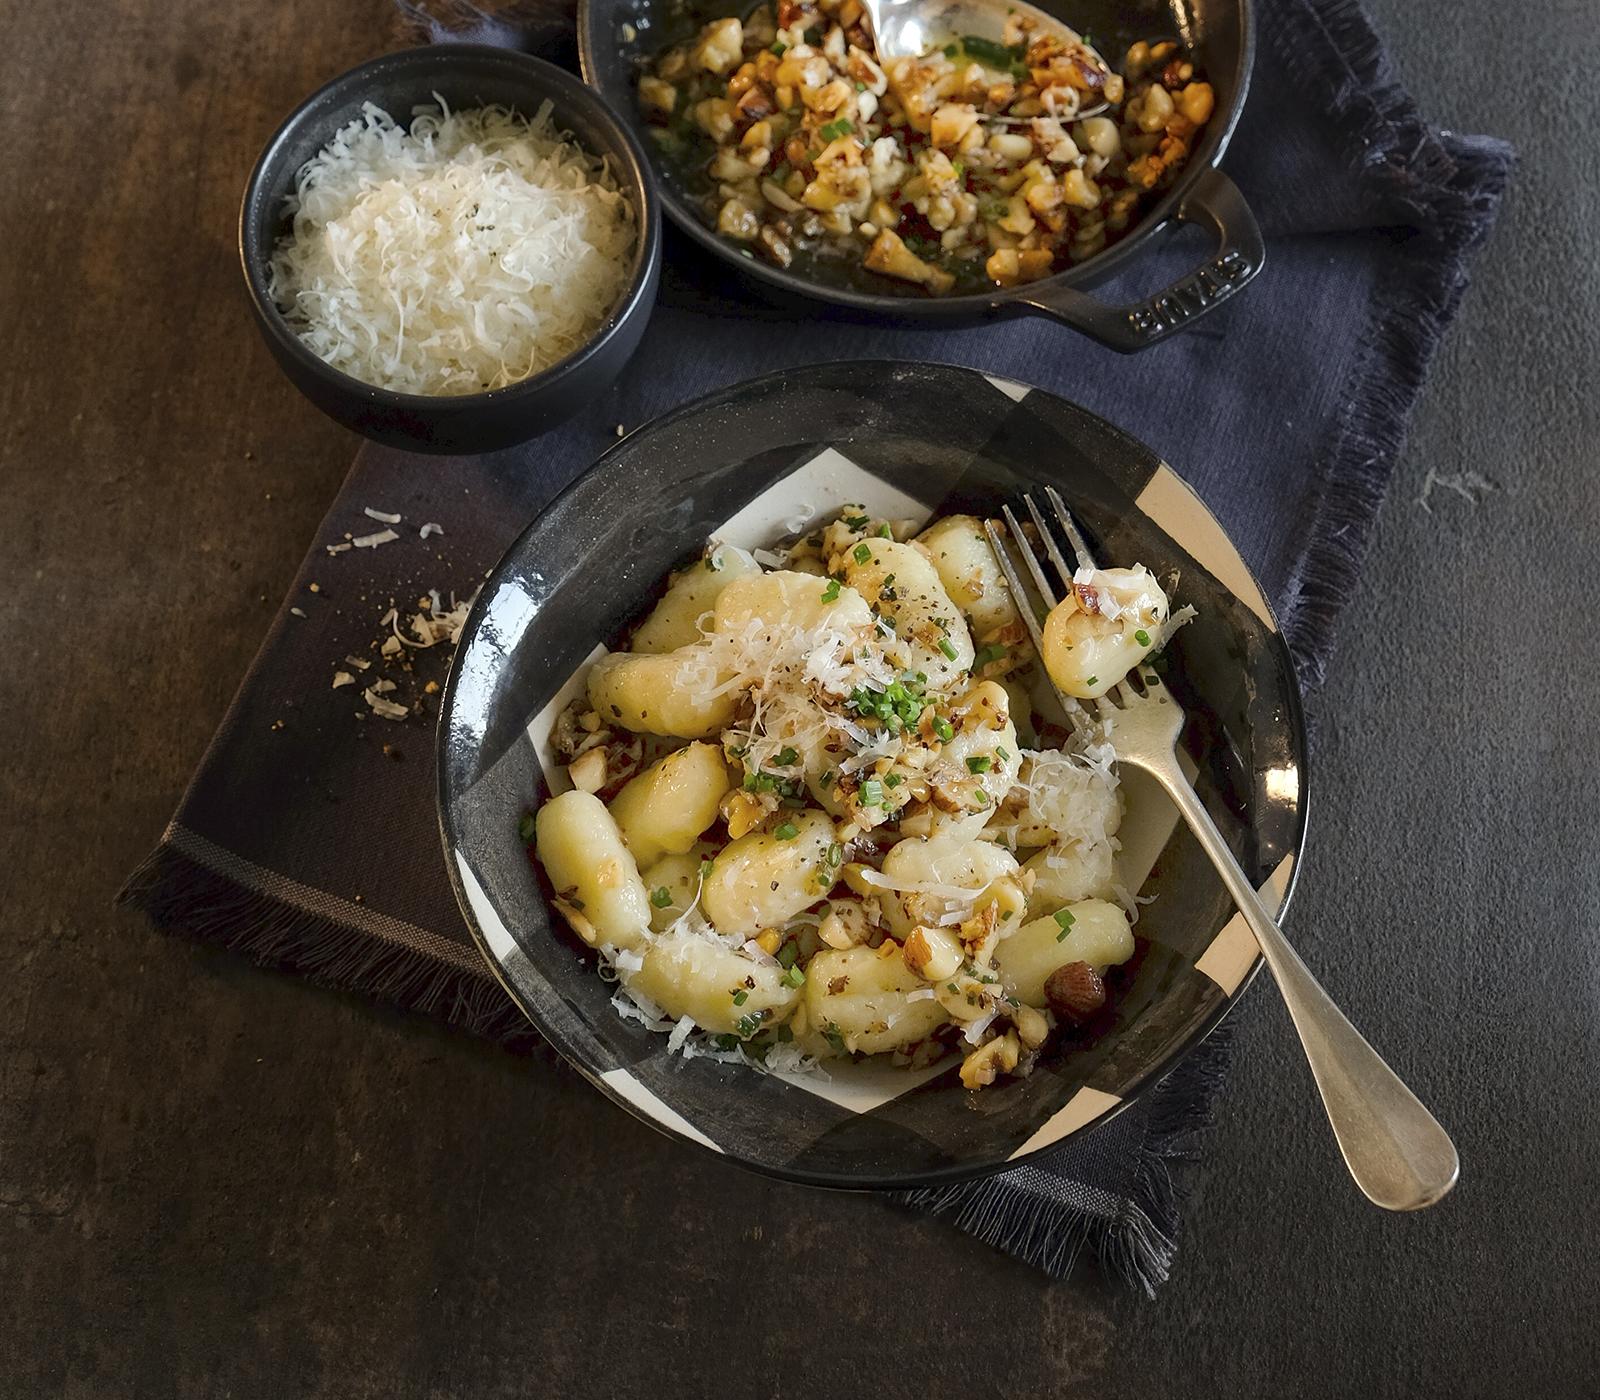 Kartoffel gnocchi an nussbutter annemarie wildeisen 39 s kochen for Kochen 5 personen